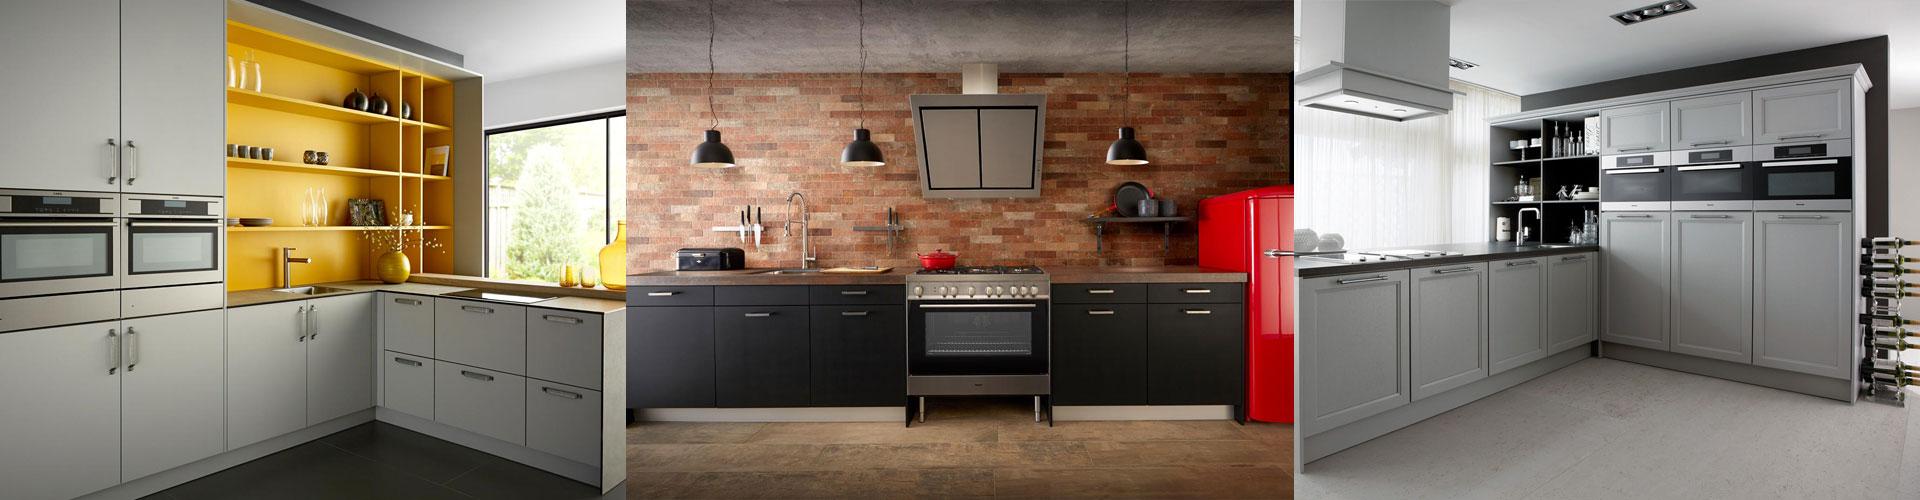 Keller Kitchens Aberdeen, Aberdeenshire & North East Scotland